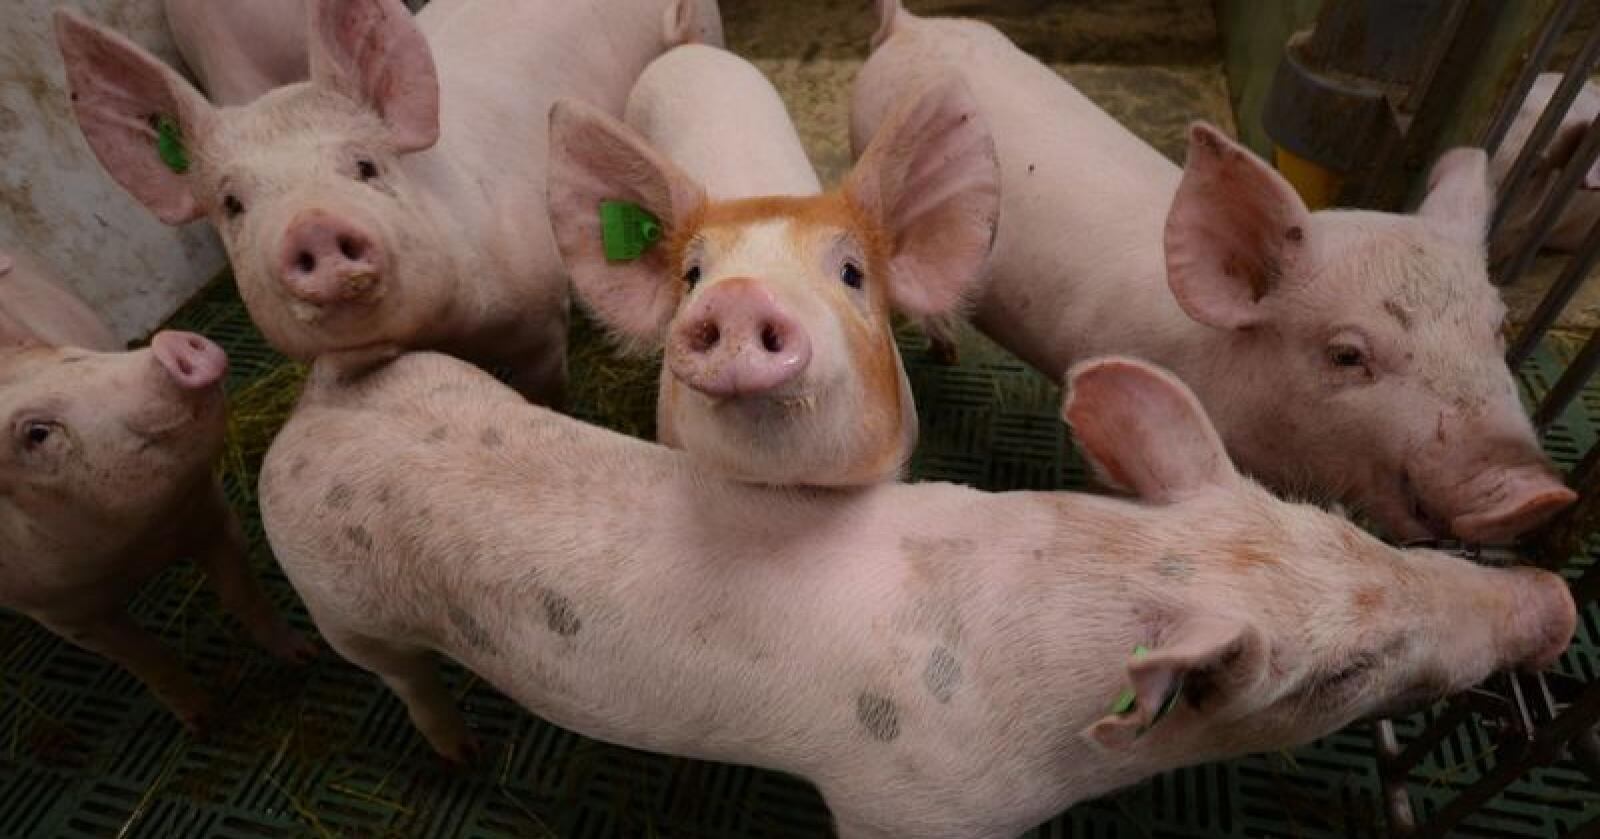 Nortura forventer per mai et underskudd på 2 000 tonn svinekjøtt i 2019. – Svært gledelig, konstaterer Norturas totalmarkedsdirektør Ole Nikolai Skulberg. Foto: Liv Jorunn Denstadli Sagmo